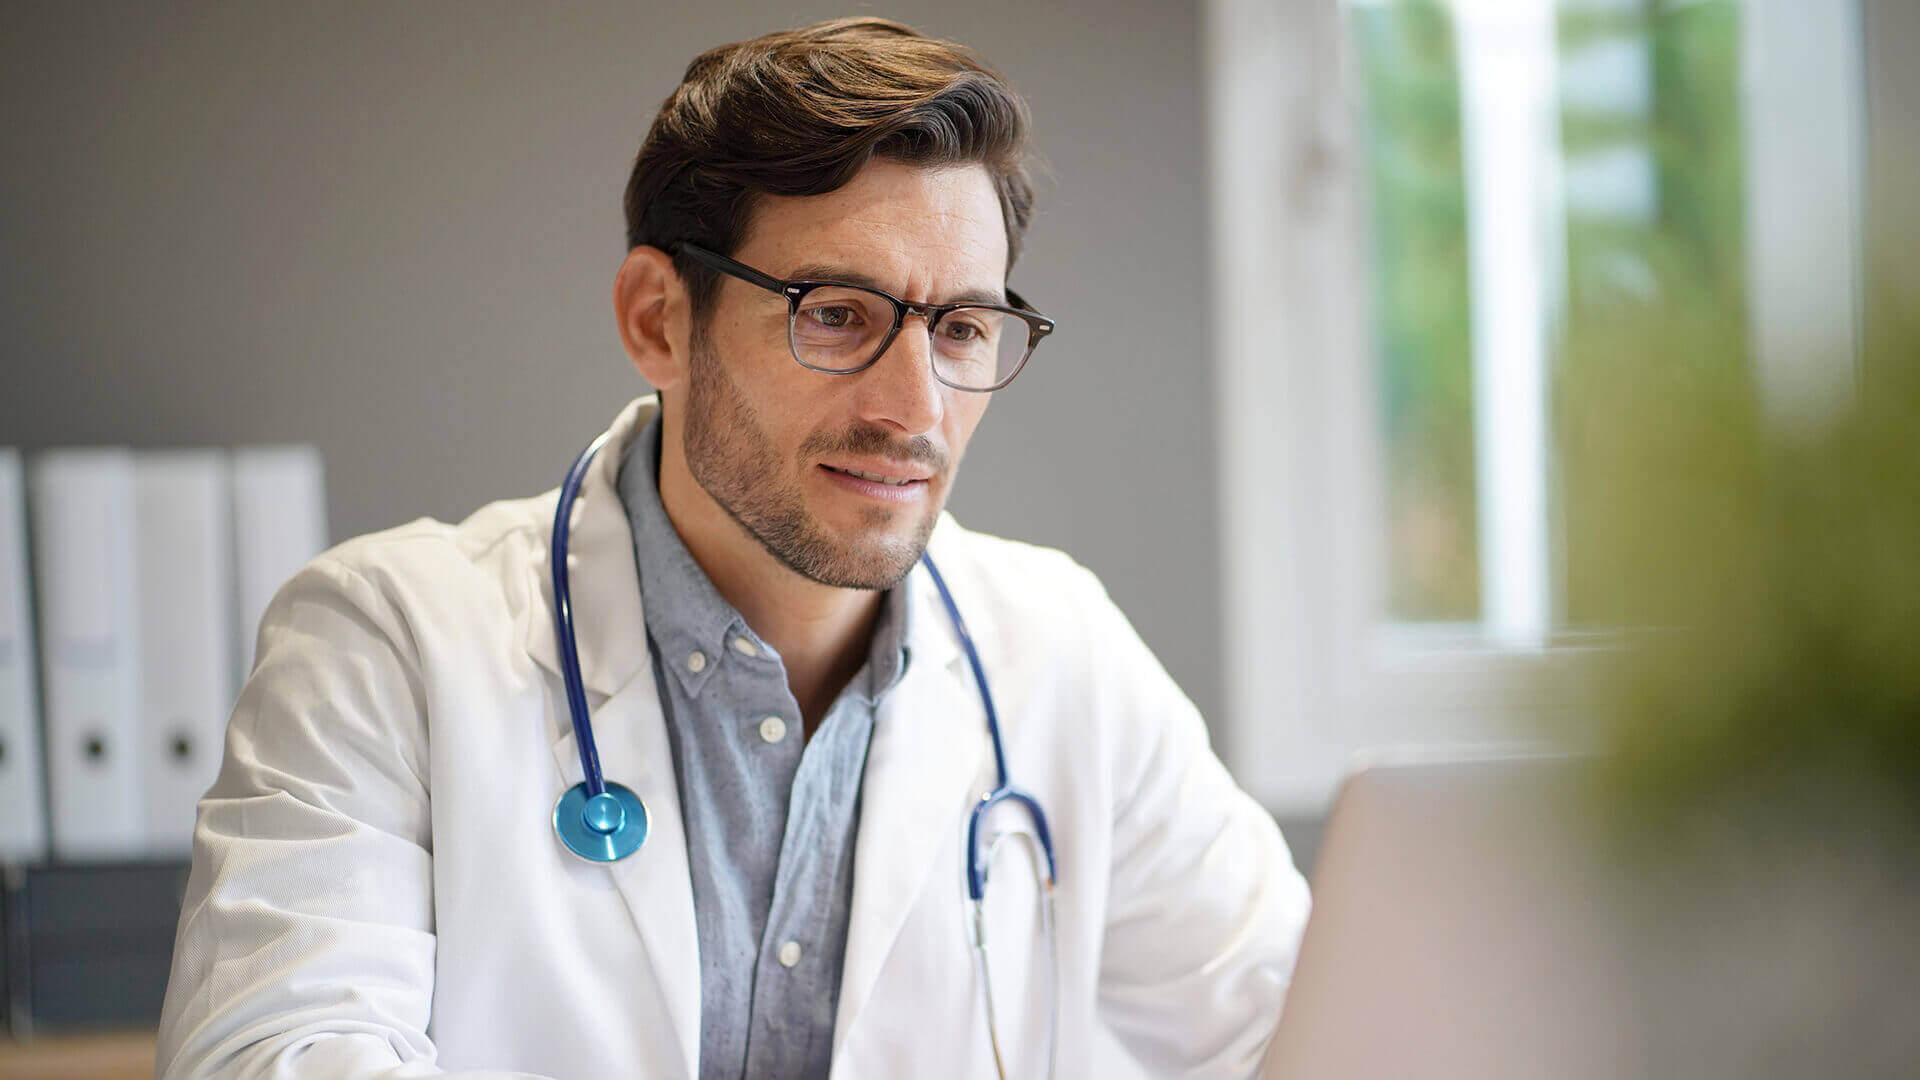 Aktualizacja 8.15 - dostępna - lekarz pracujący w gabinecie